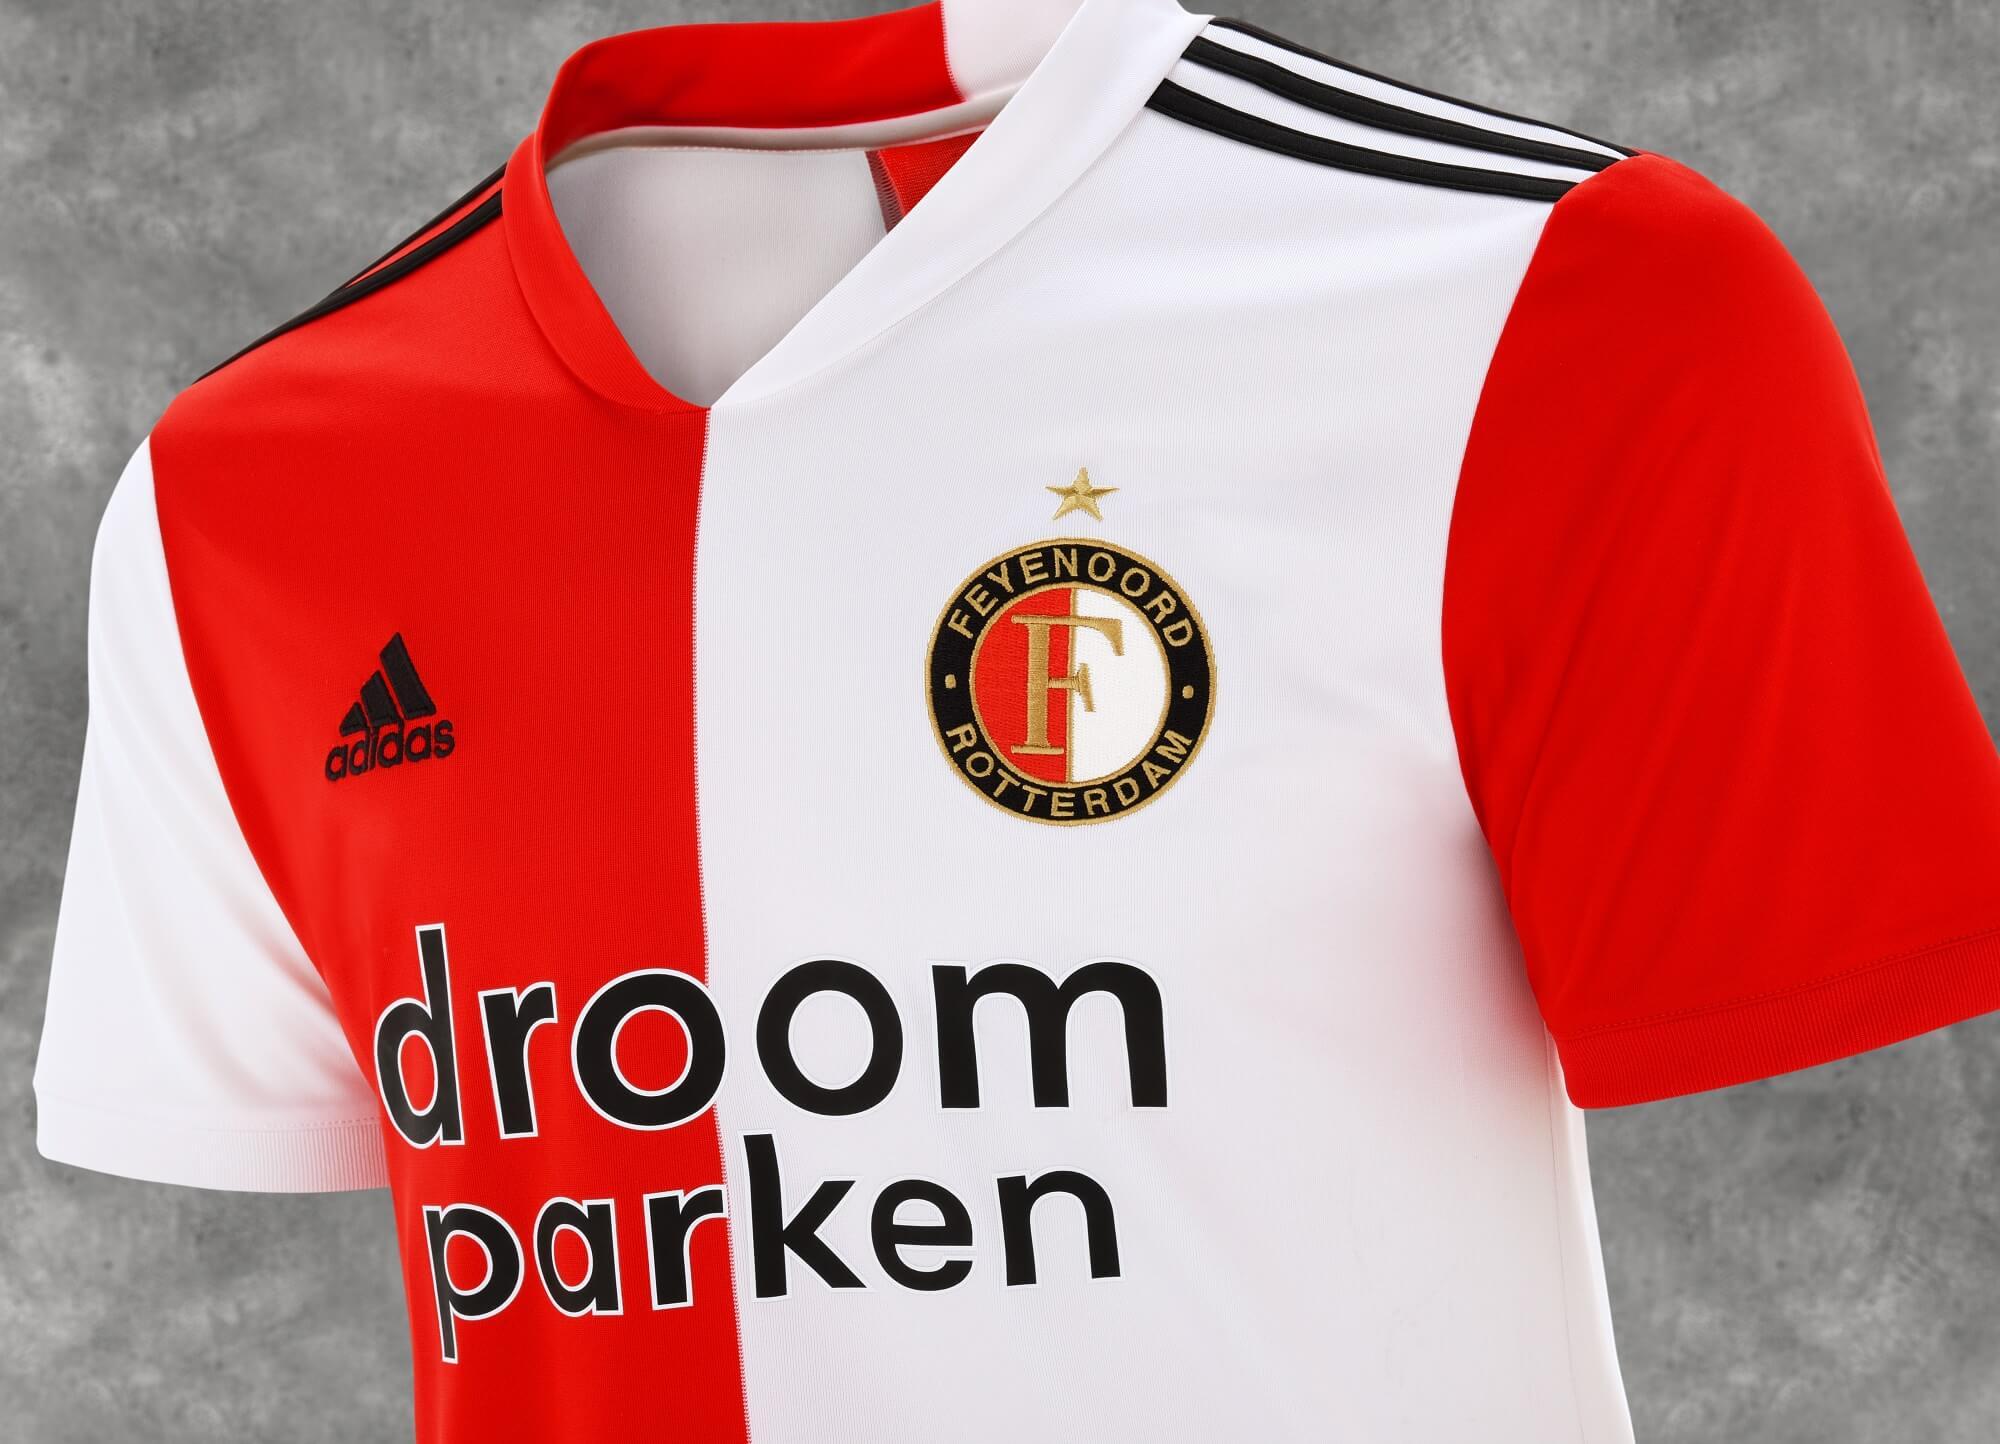 Feyenoord presenteert nieuwe thuisshirt; image source: Feyenoord.nl